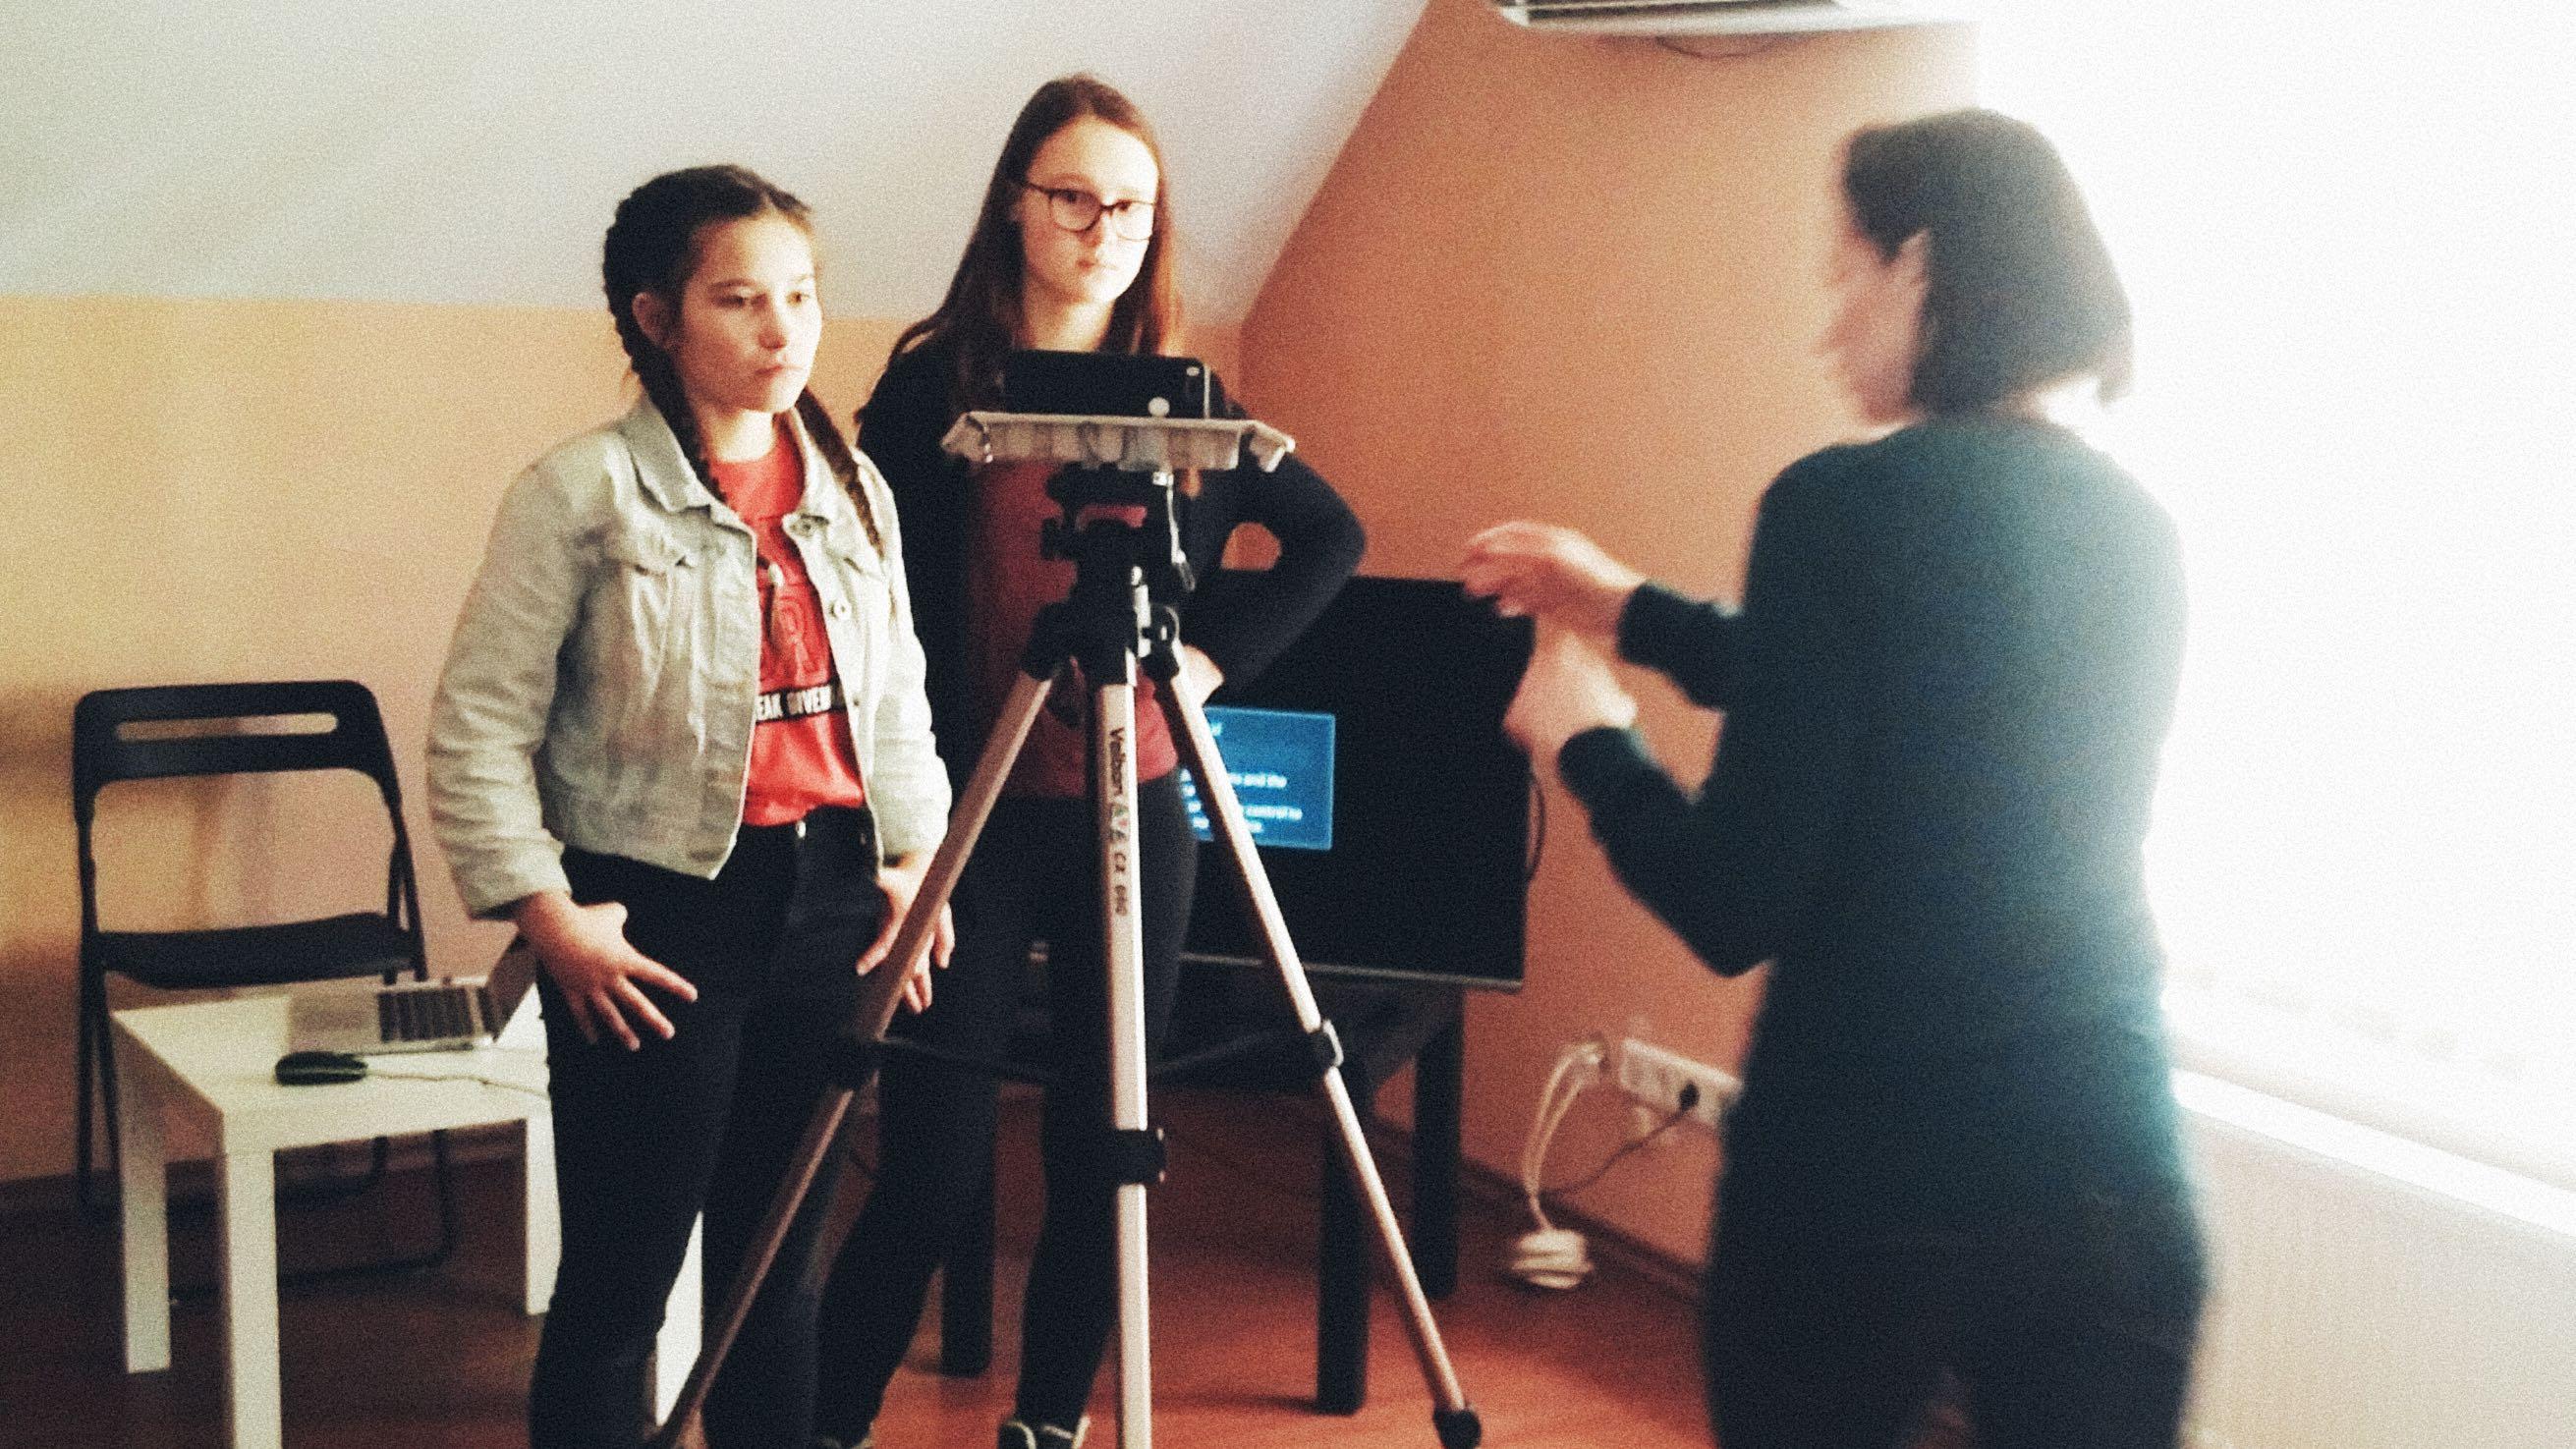 20190312 ManoKadras susitikimas su Kristina Sereikaite post02 rudiskiukc